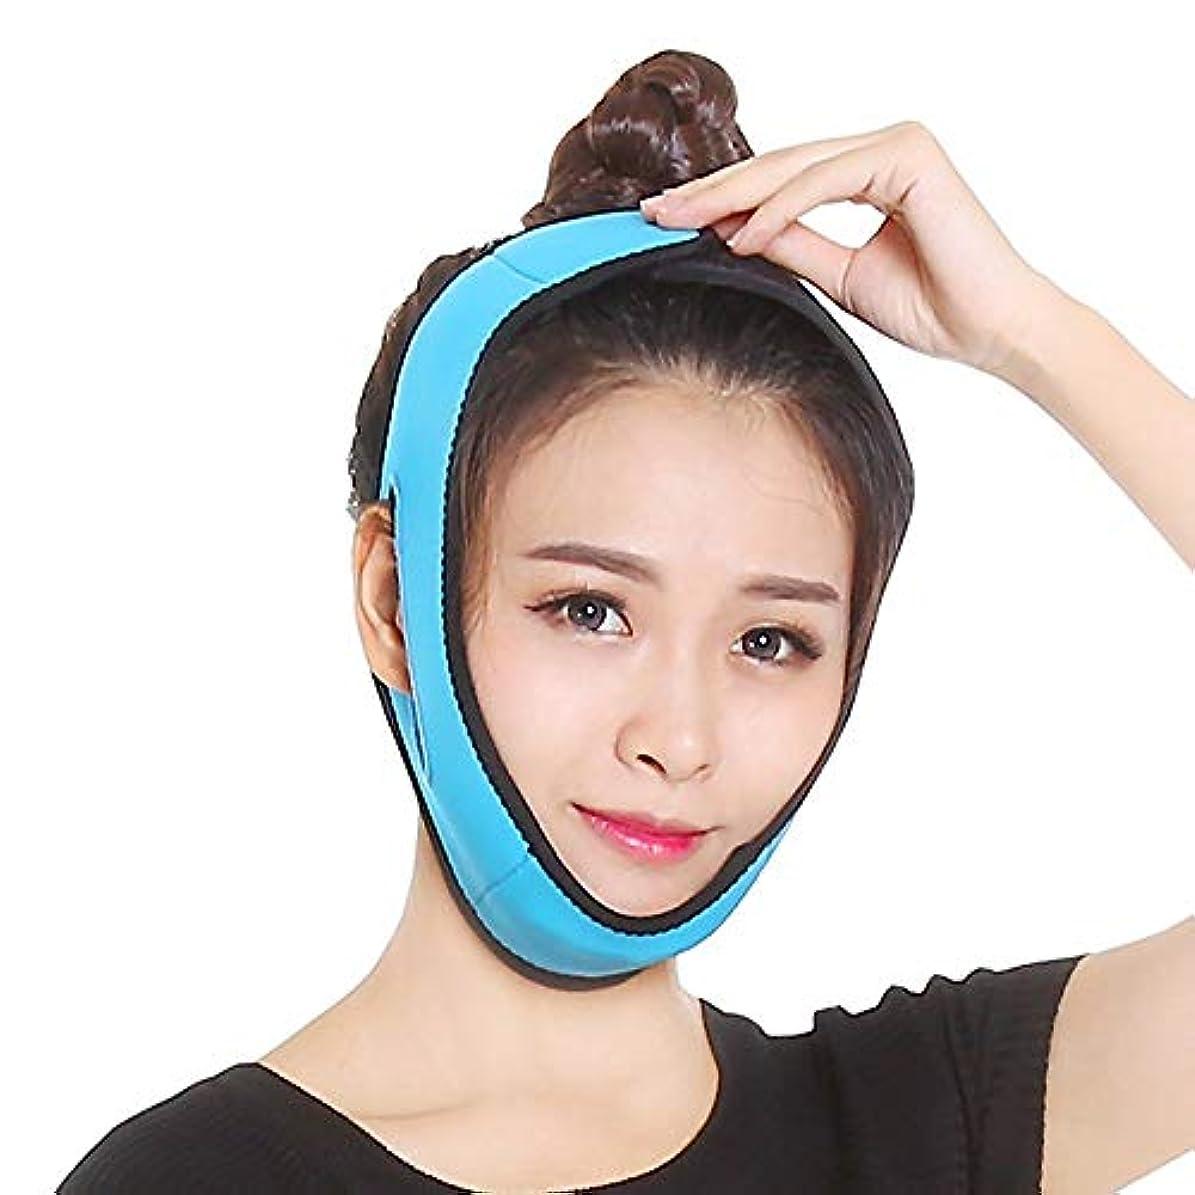 知性ブース電話に出るフェイスリフトベルト 薄い顔のベルト - 薄い顔のツール薄い顔のベルト通気性のラテックスのマッサージV型の顔のアーティファクトの顔の薄いマスク